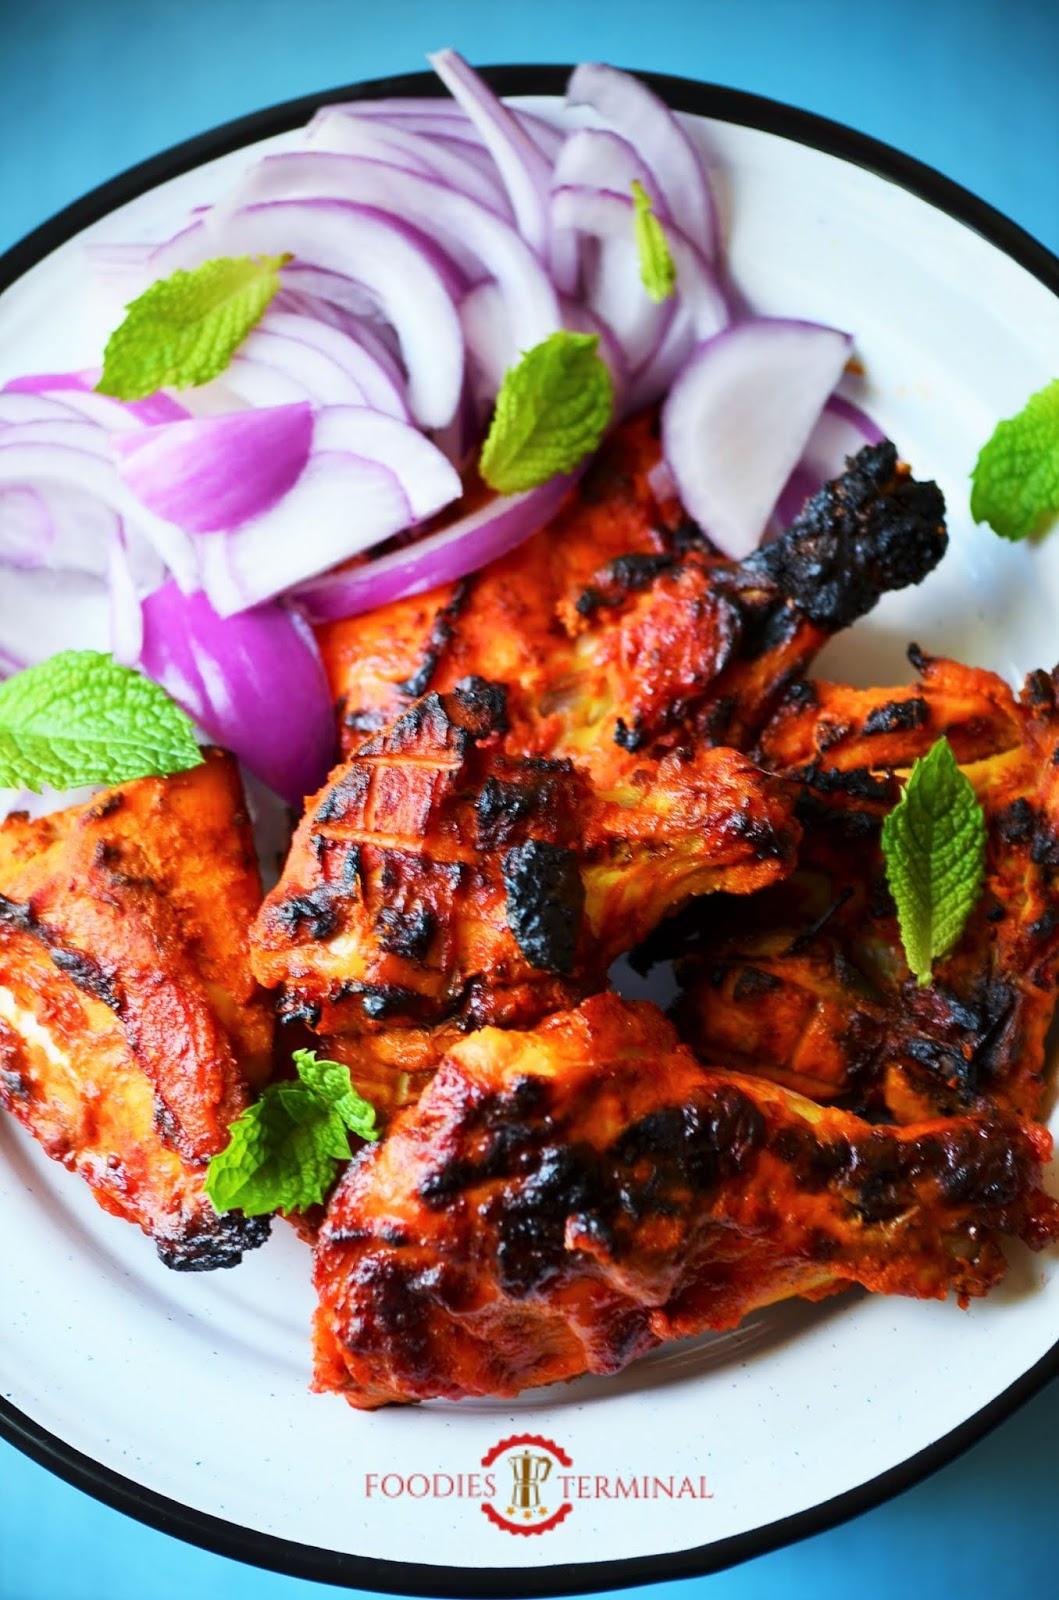 The best tandoori chicken, chicken tandoori in oven, tandoori chicken recipe, chicken tandoori recipe, tandoori chicken without a tandoor, restaurant style tandoori chicken recipe